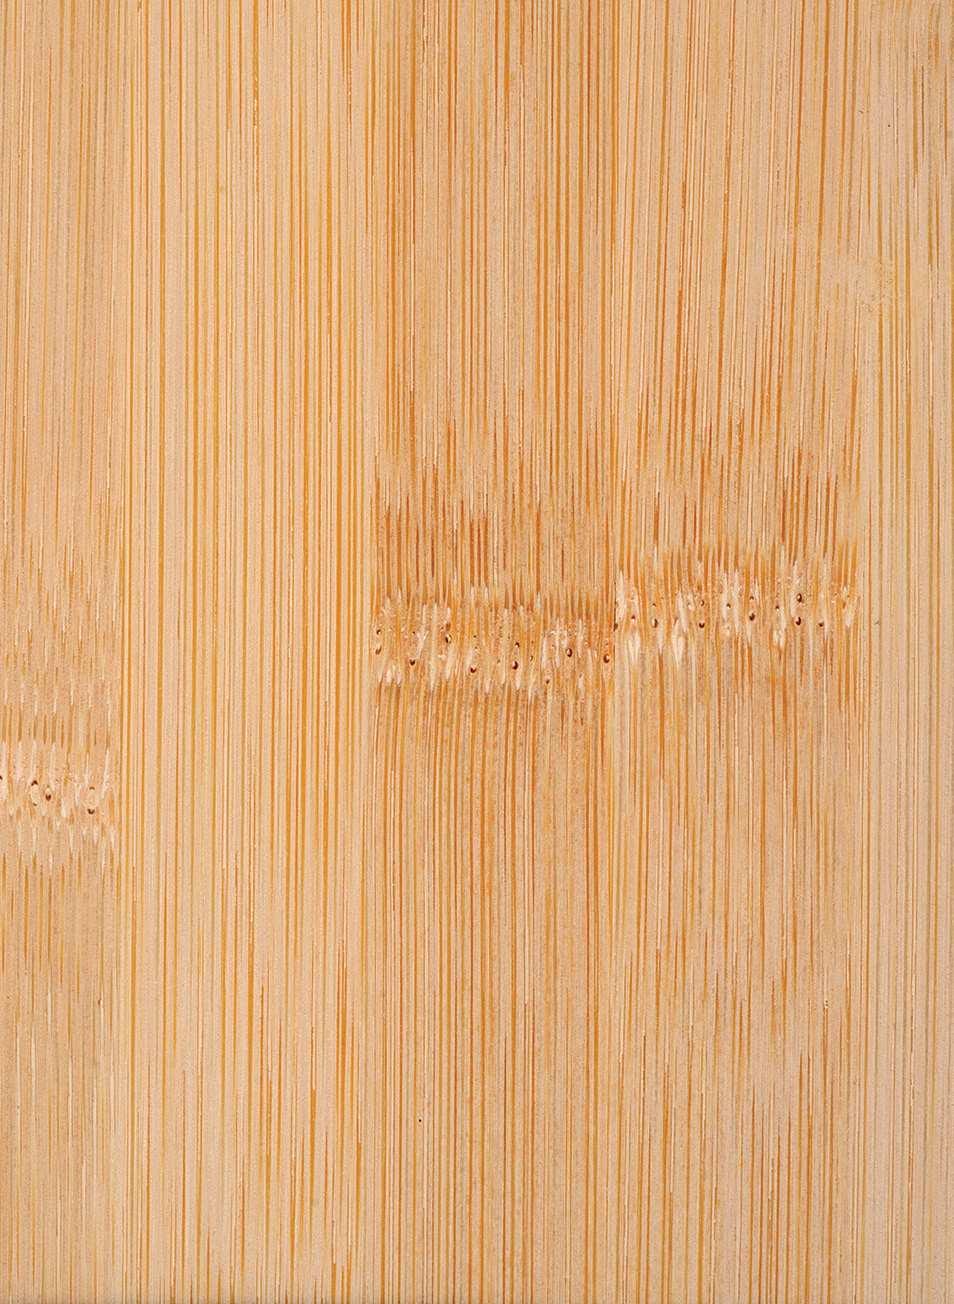 Bambus Merkmale Eigenschaften Holz Vom Fach